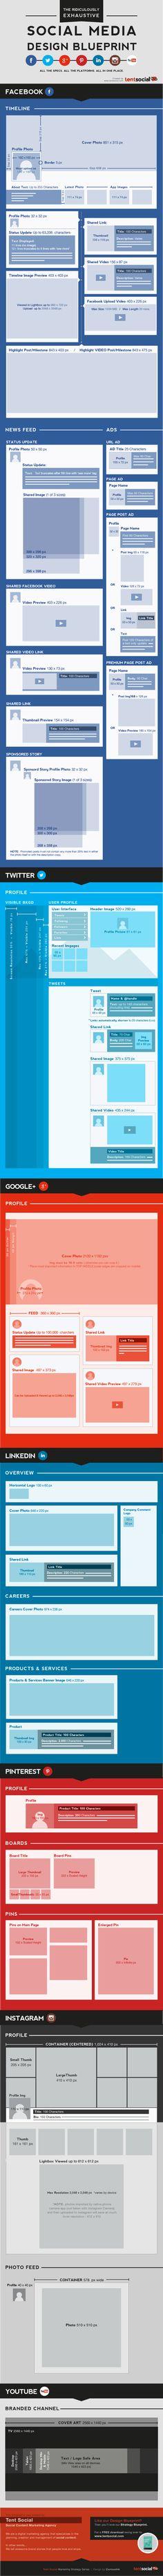 Guia completo com dimensões para as imagens dos perfis das redes sociais.  http://agenciast.com.br/guia-completo-de-dimensoes-para-perfis-das-redes-sociais/